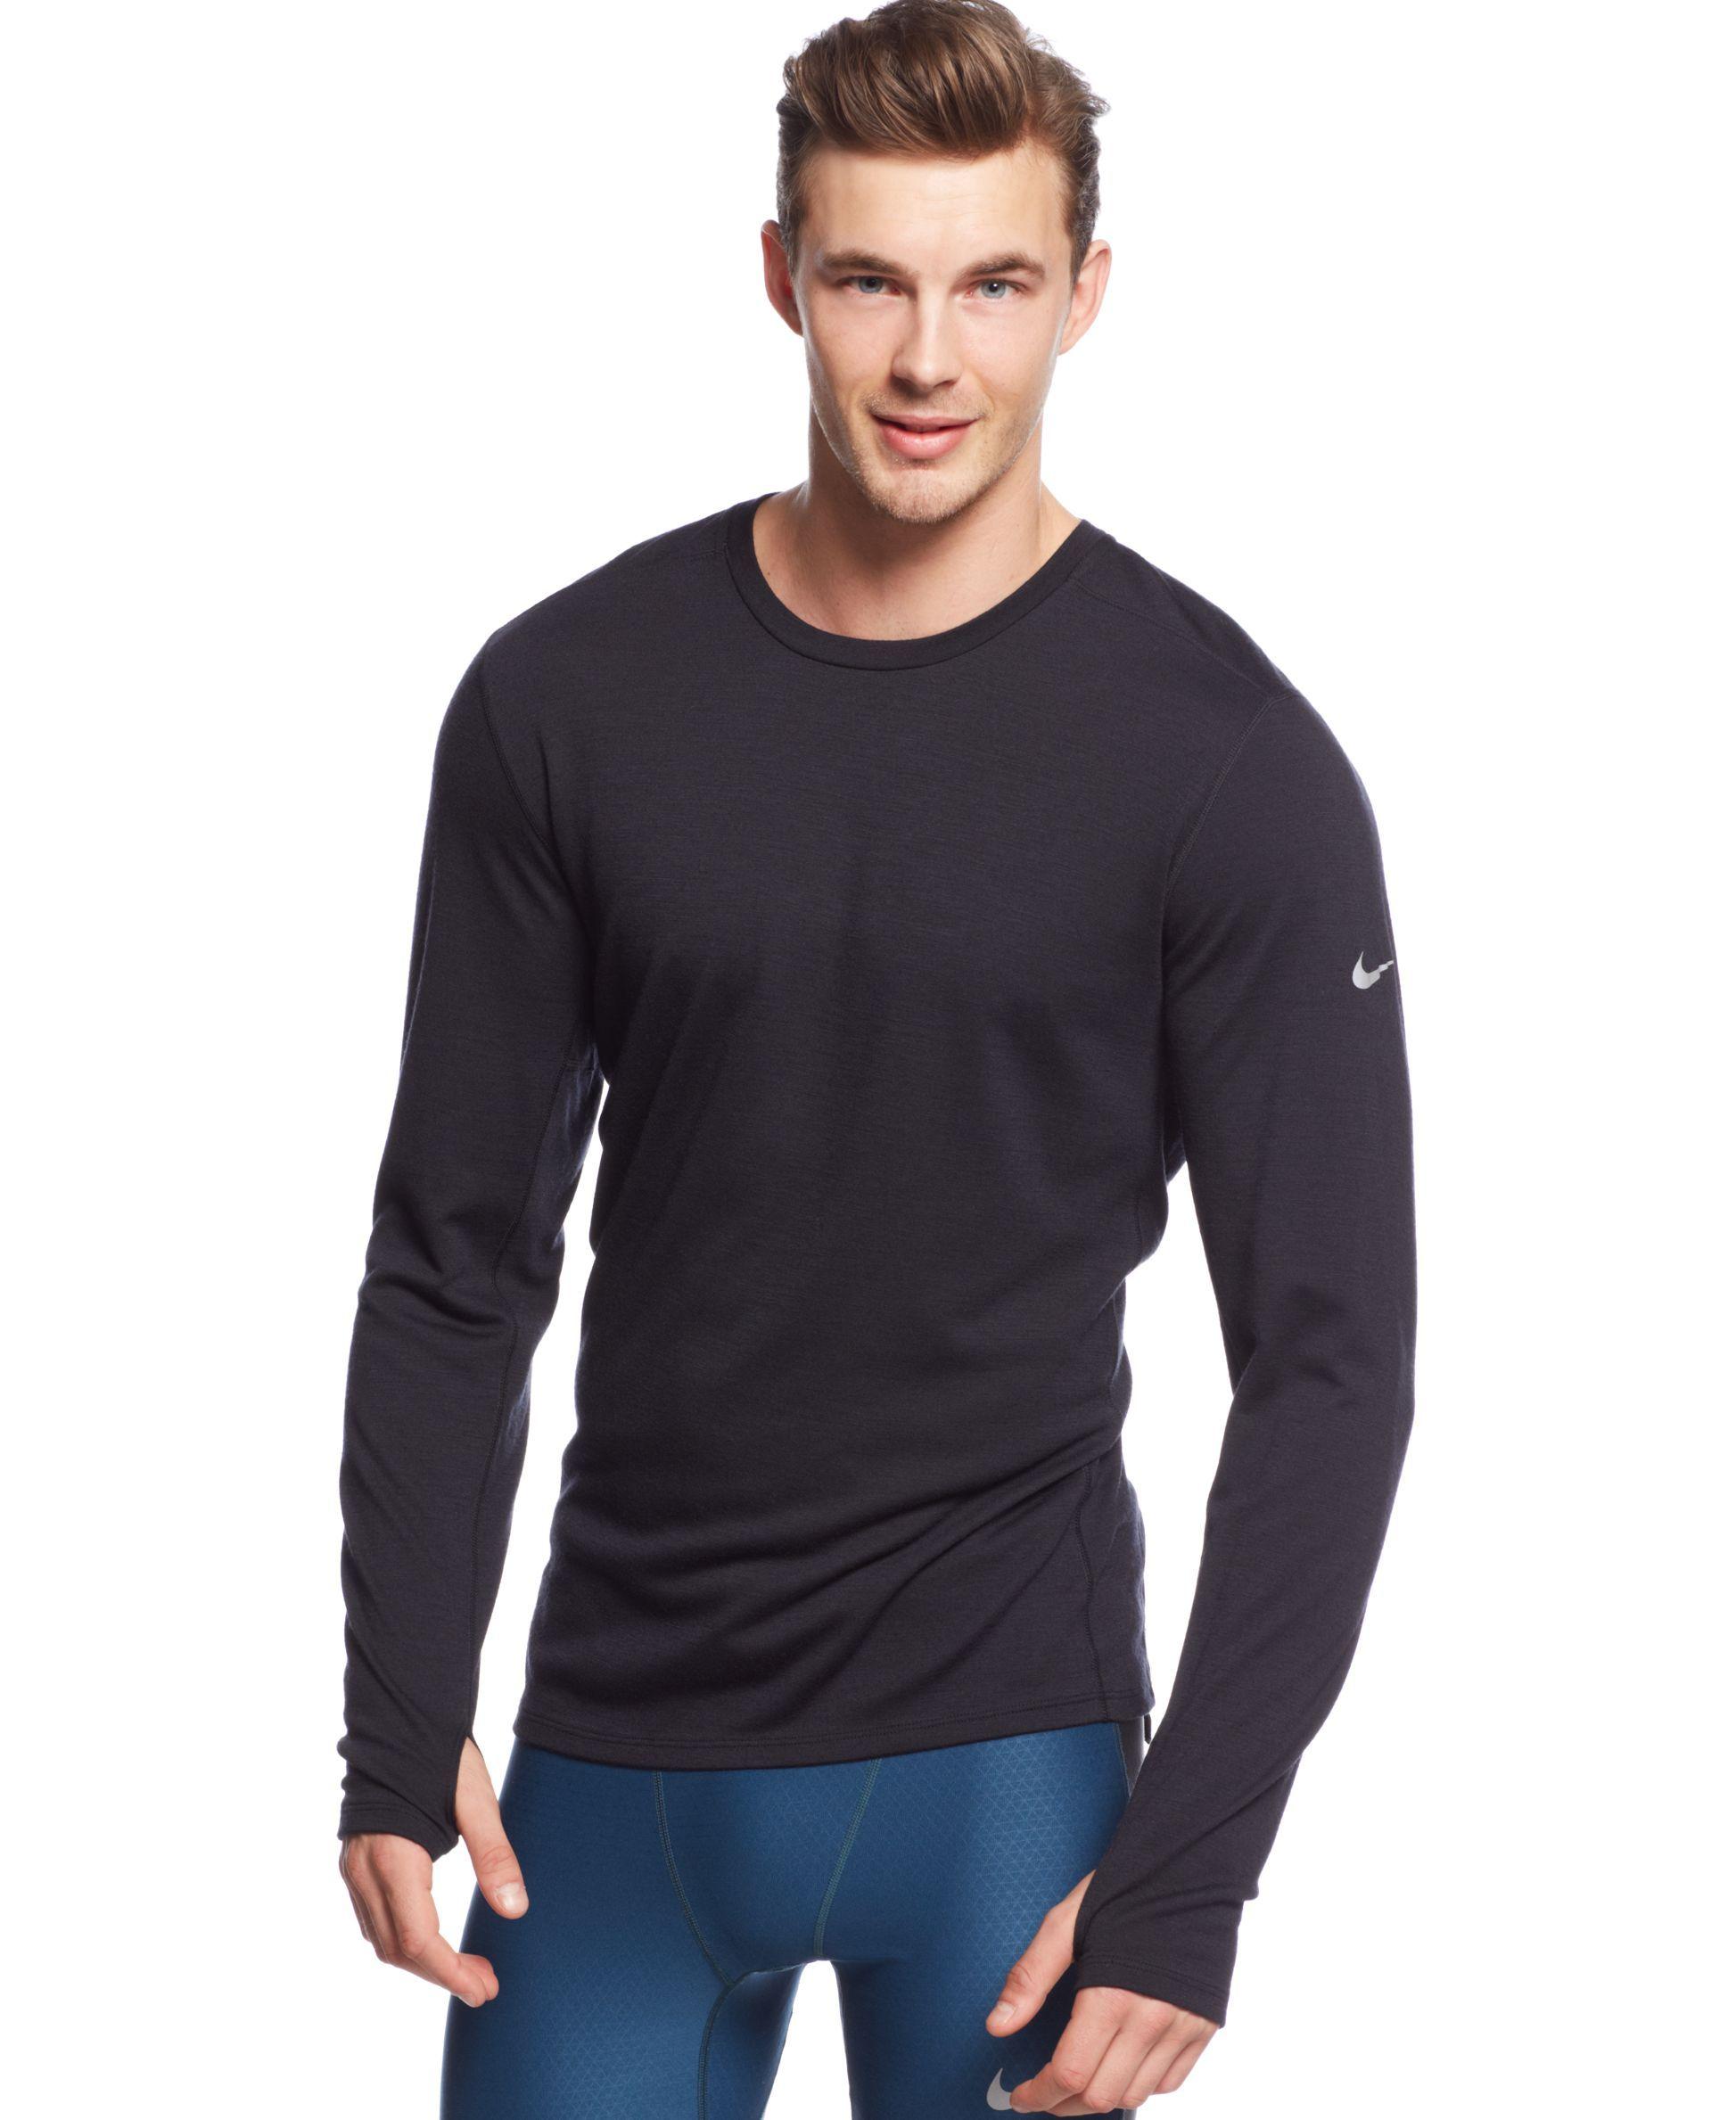 Nike Wool-Blend Dri-fit Pullover